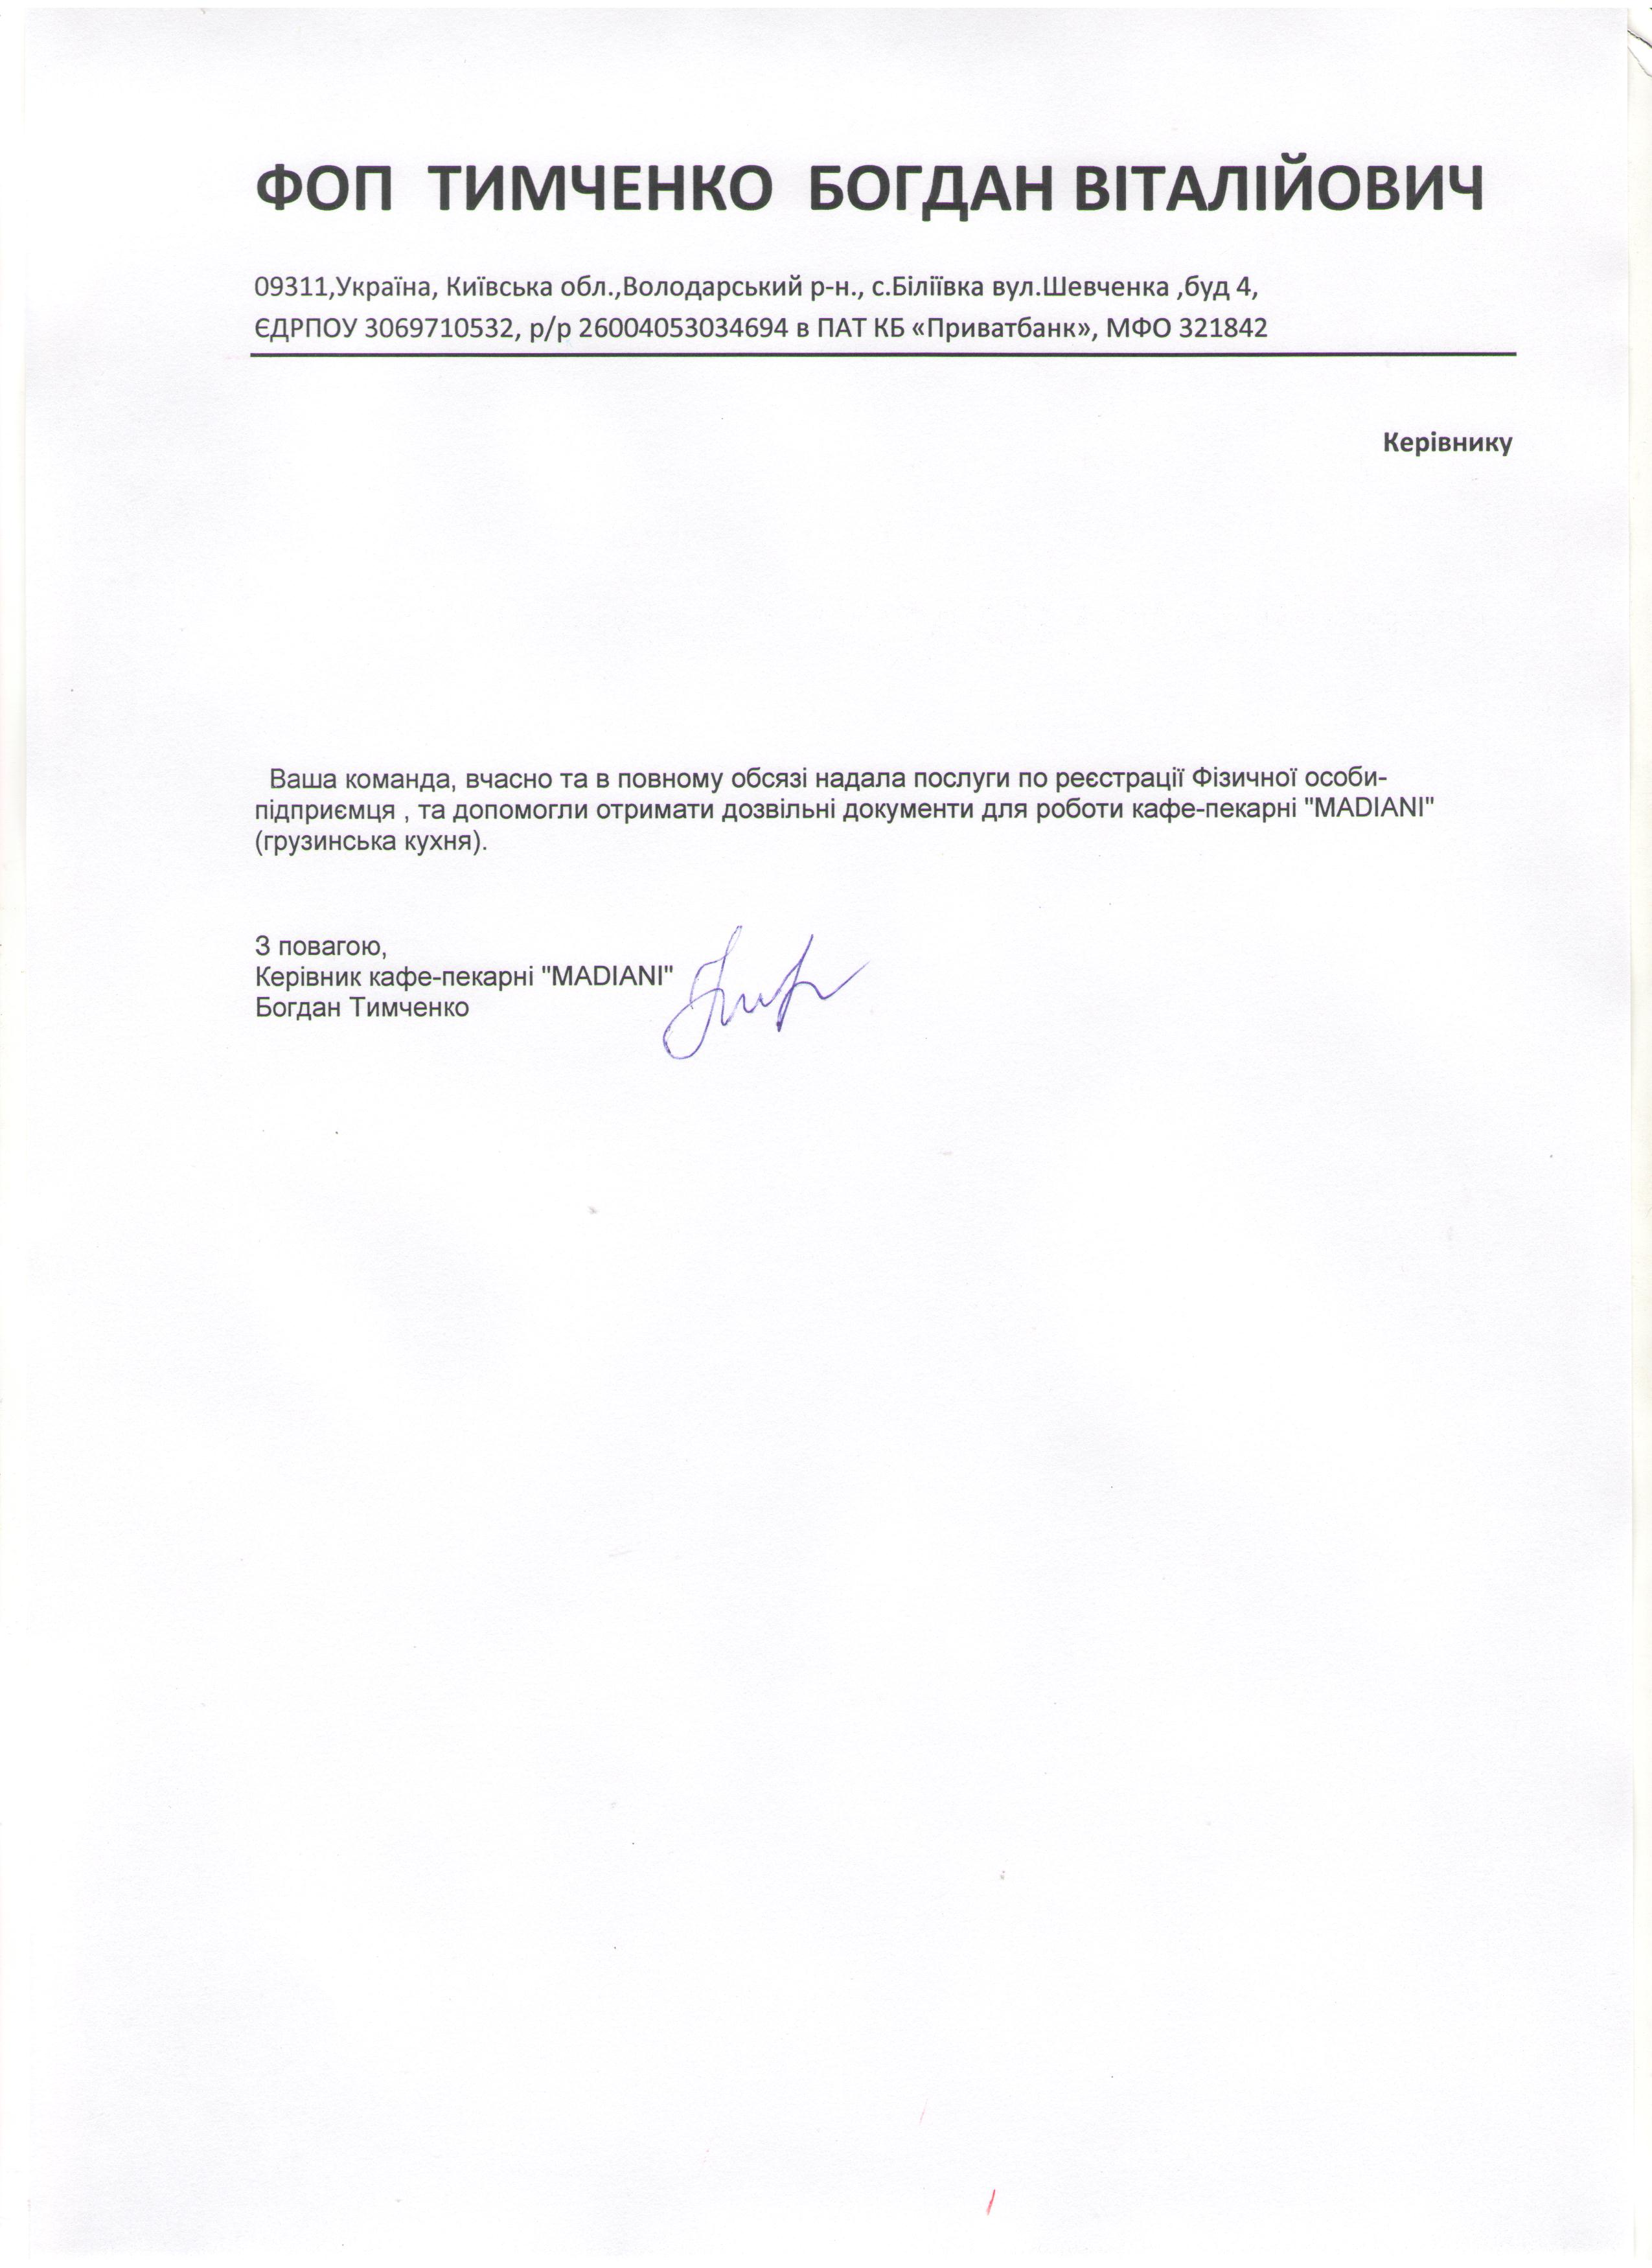 Фото Услуги бухгалтера для ФОП и ООО в г. Киев. Удаленный бухгалтер 3